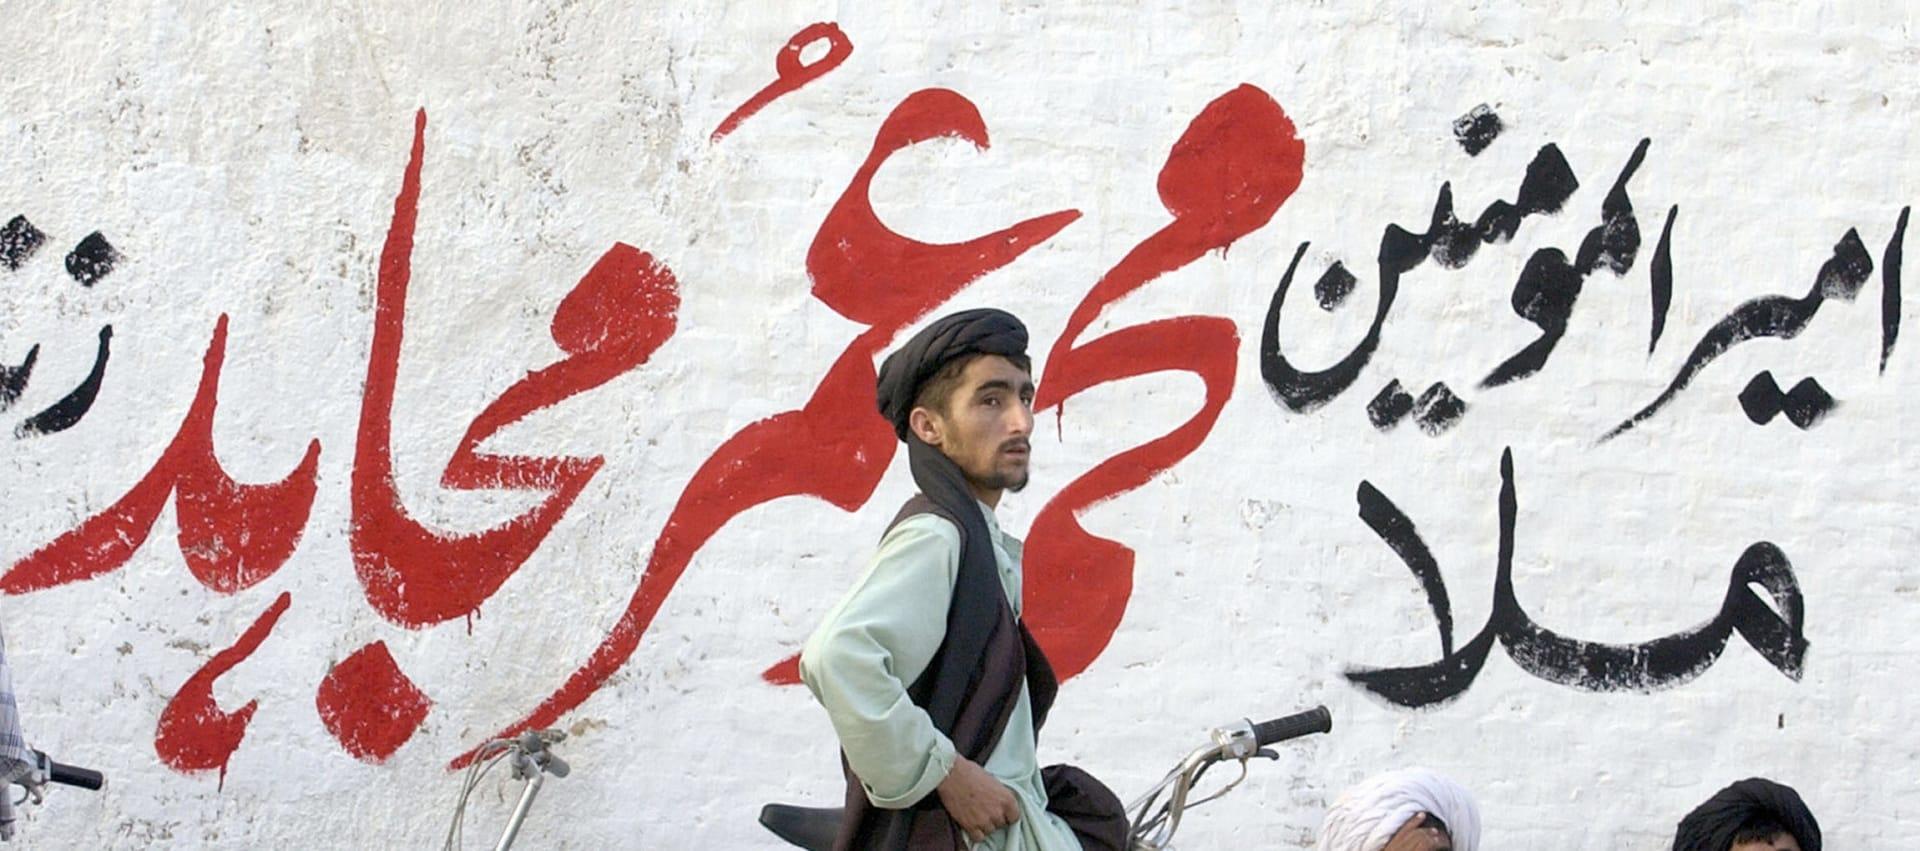 """""""أمير المؤمنين"""" الملا عمر يعايد المسلمين بعيد الفطر.. ويثير غضب أنصار """"خليفة"""" داعش"""